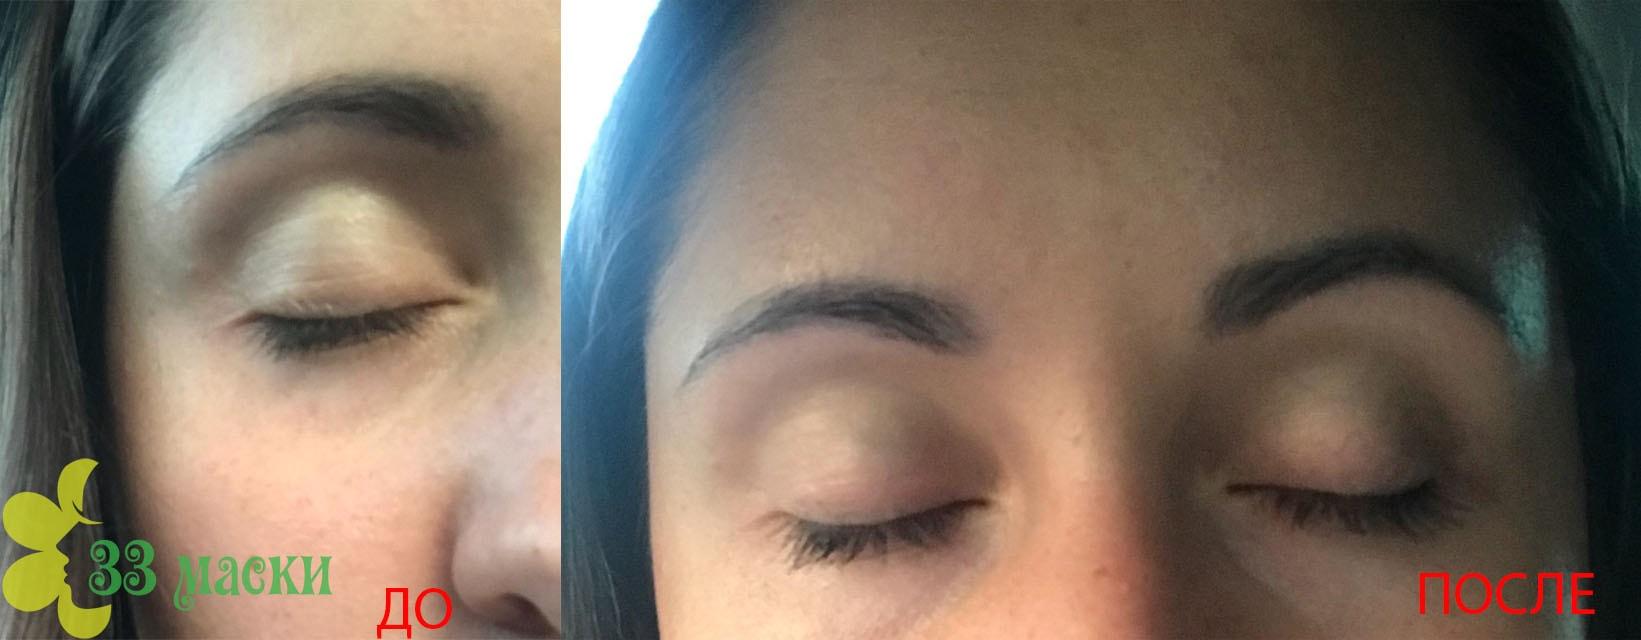 термаж лица - отзывы с фото до и после процедуры